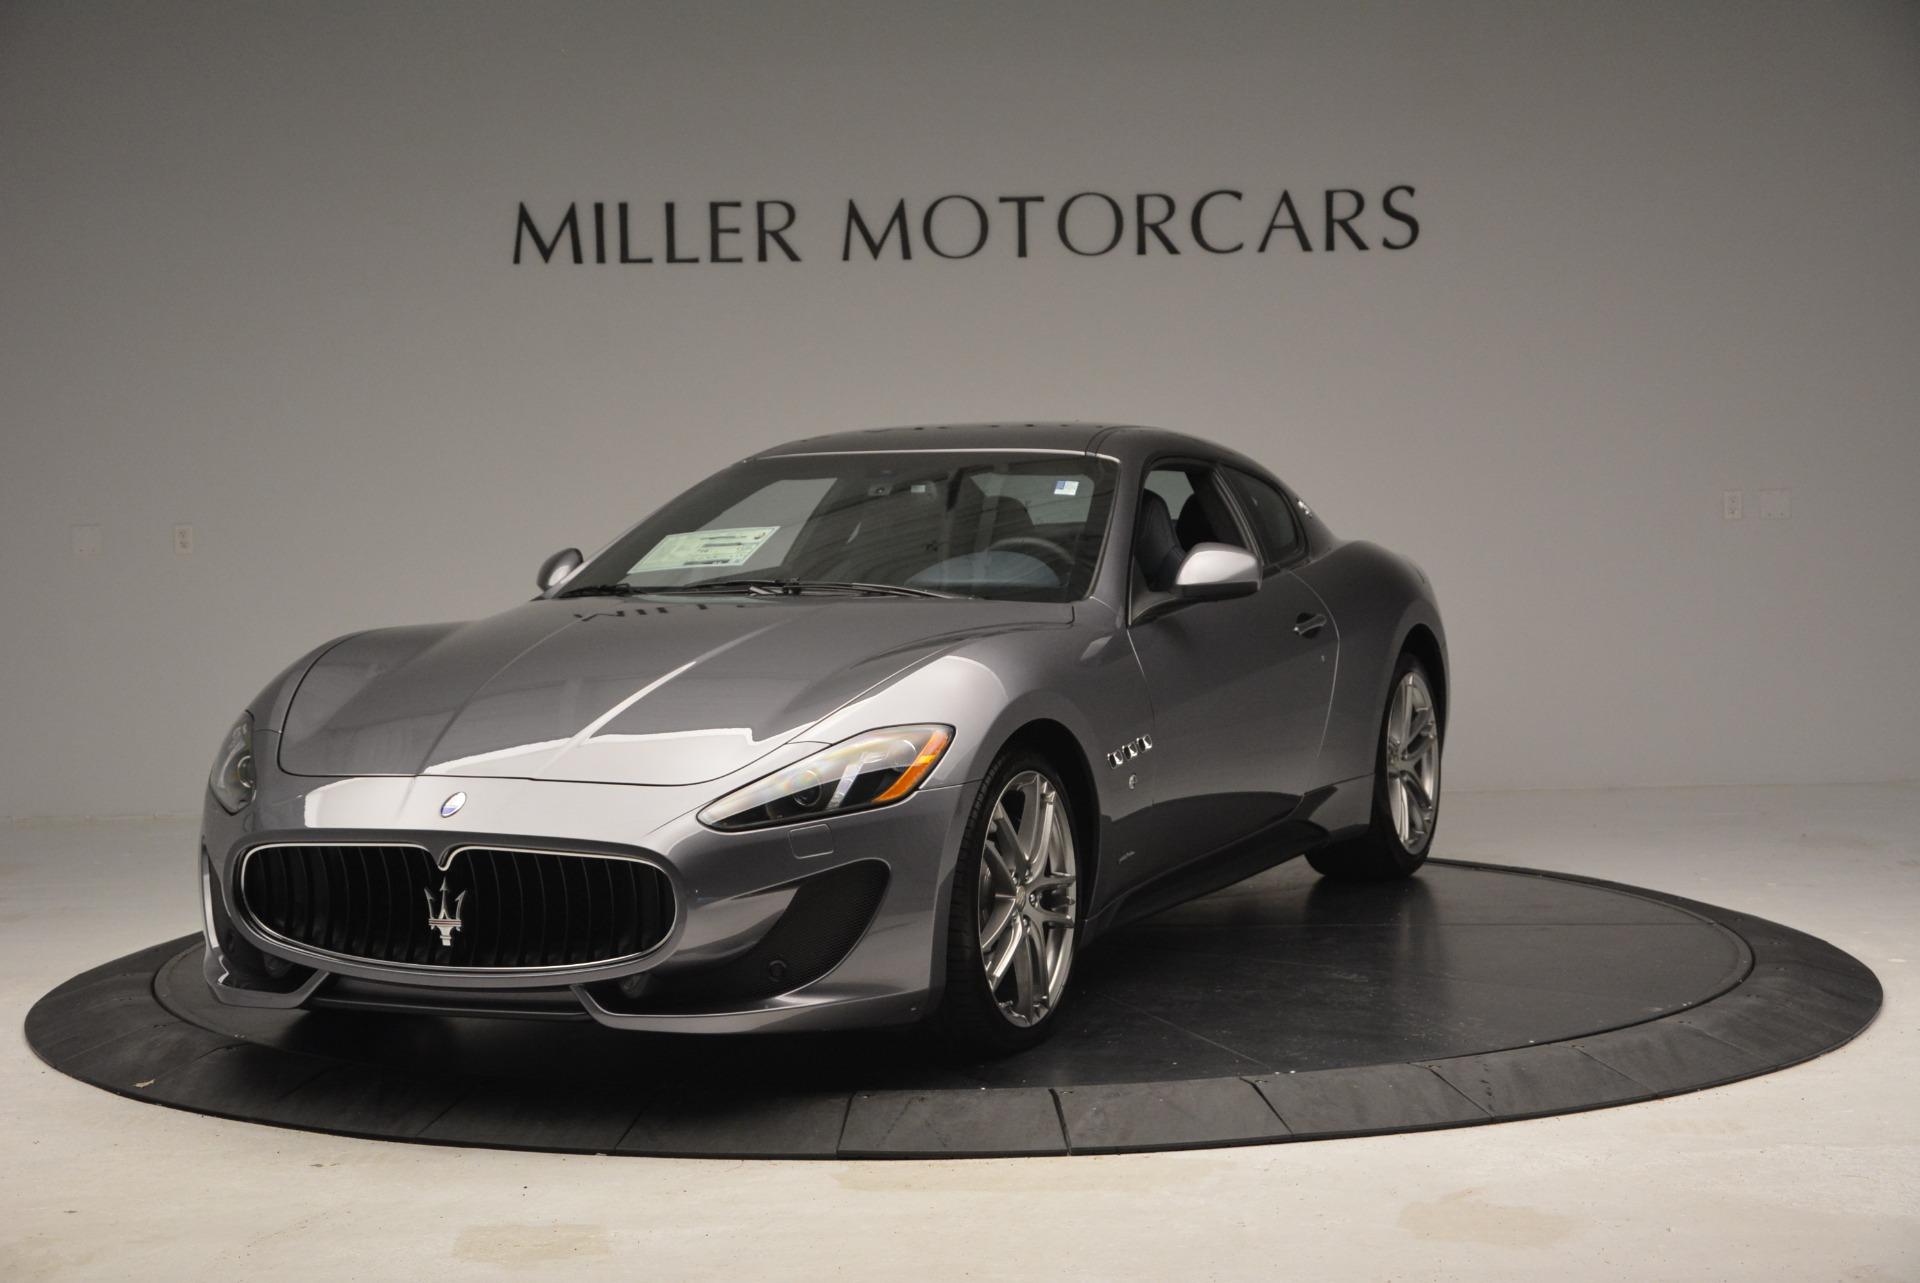 Used 2016 Maserati GranTurismo Sport For Sale In Greenwich, CT 2021_main